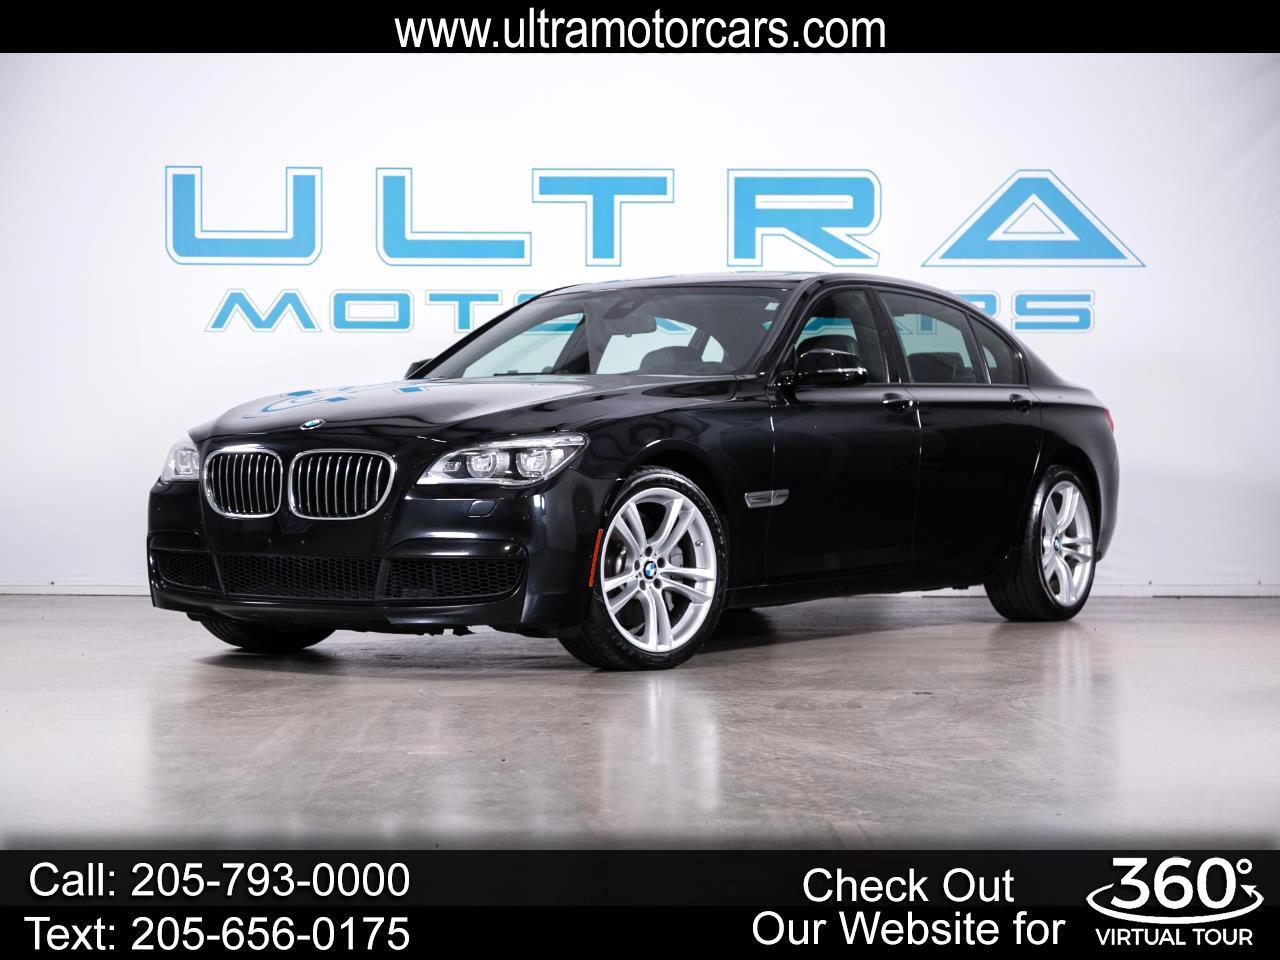 BMW 7 Series 4dr Sdn 750Li RWD 2013